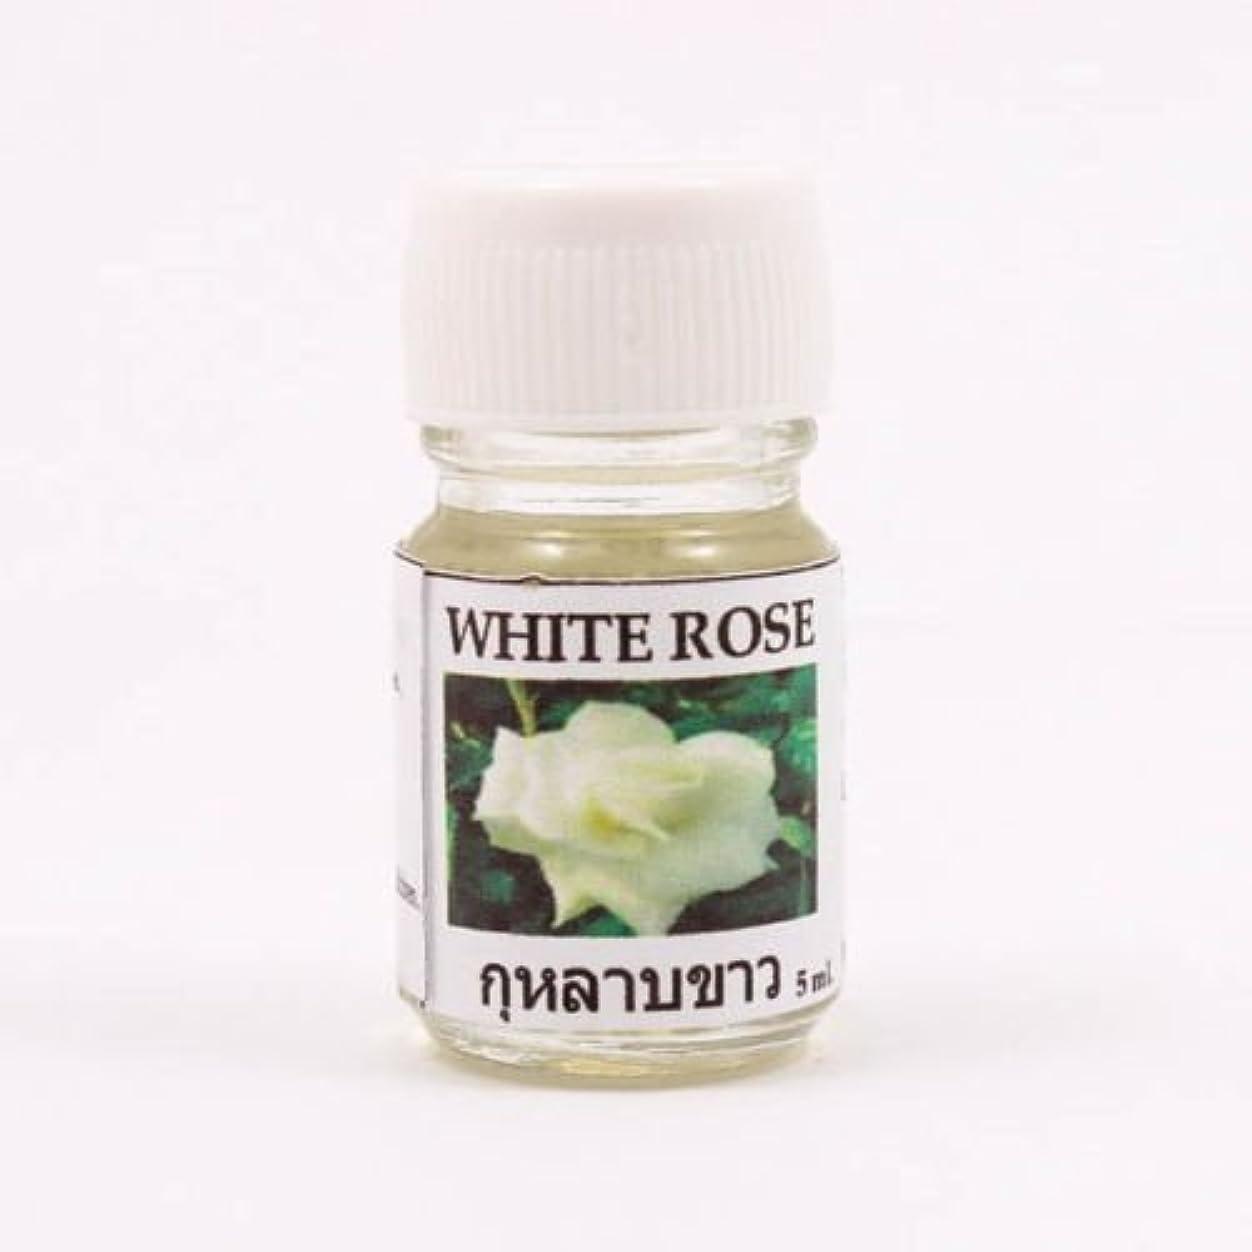 コア打ち上げる追う6X White Rose Aroma Fragrance Essential Oil 5ML. Diffuser Burner Therapy